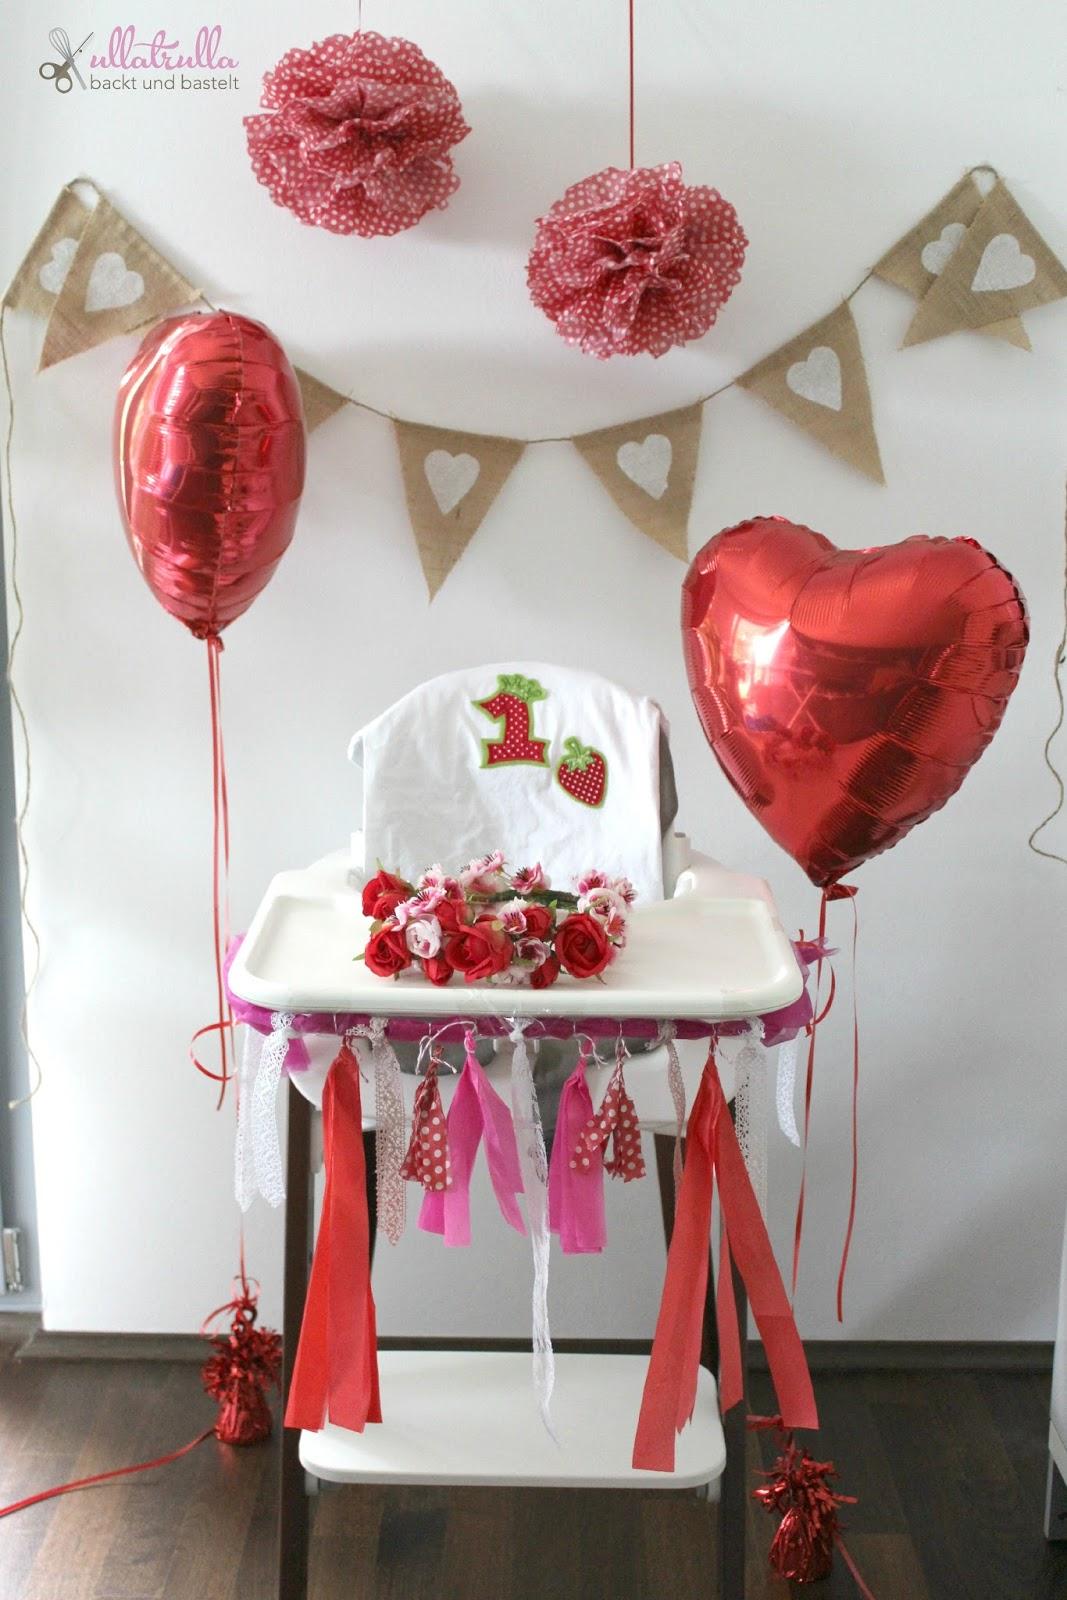 ullatrulla backt und bastelt bl tenkrone smash cake und dekoration in rot und wei helenas. Black Bedroom Furniture Sets. Home Design Ideas